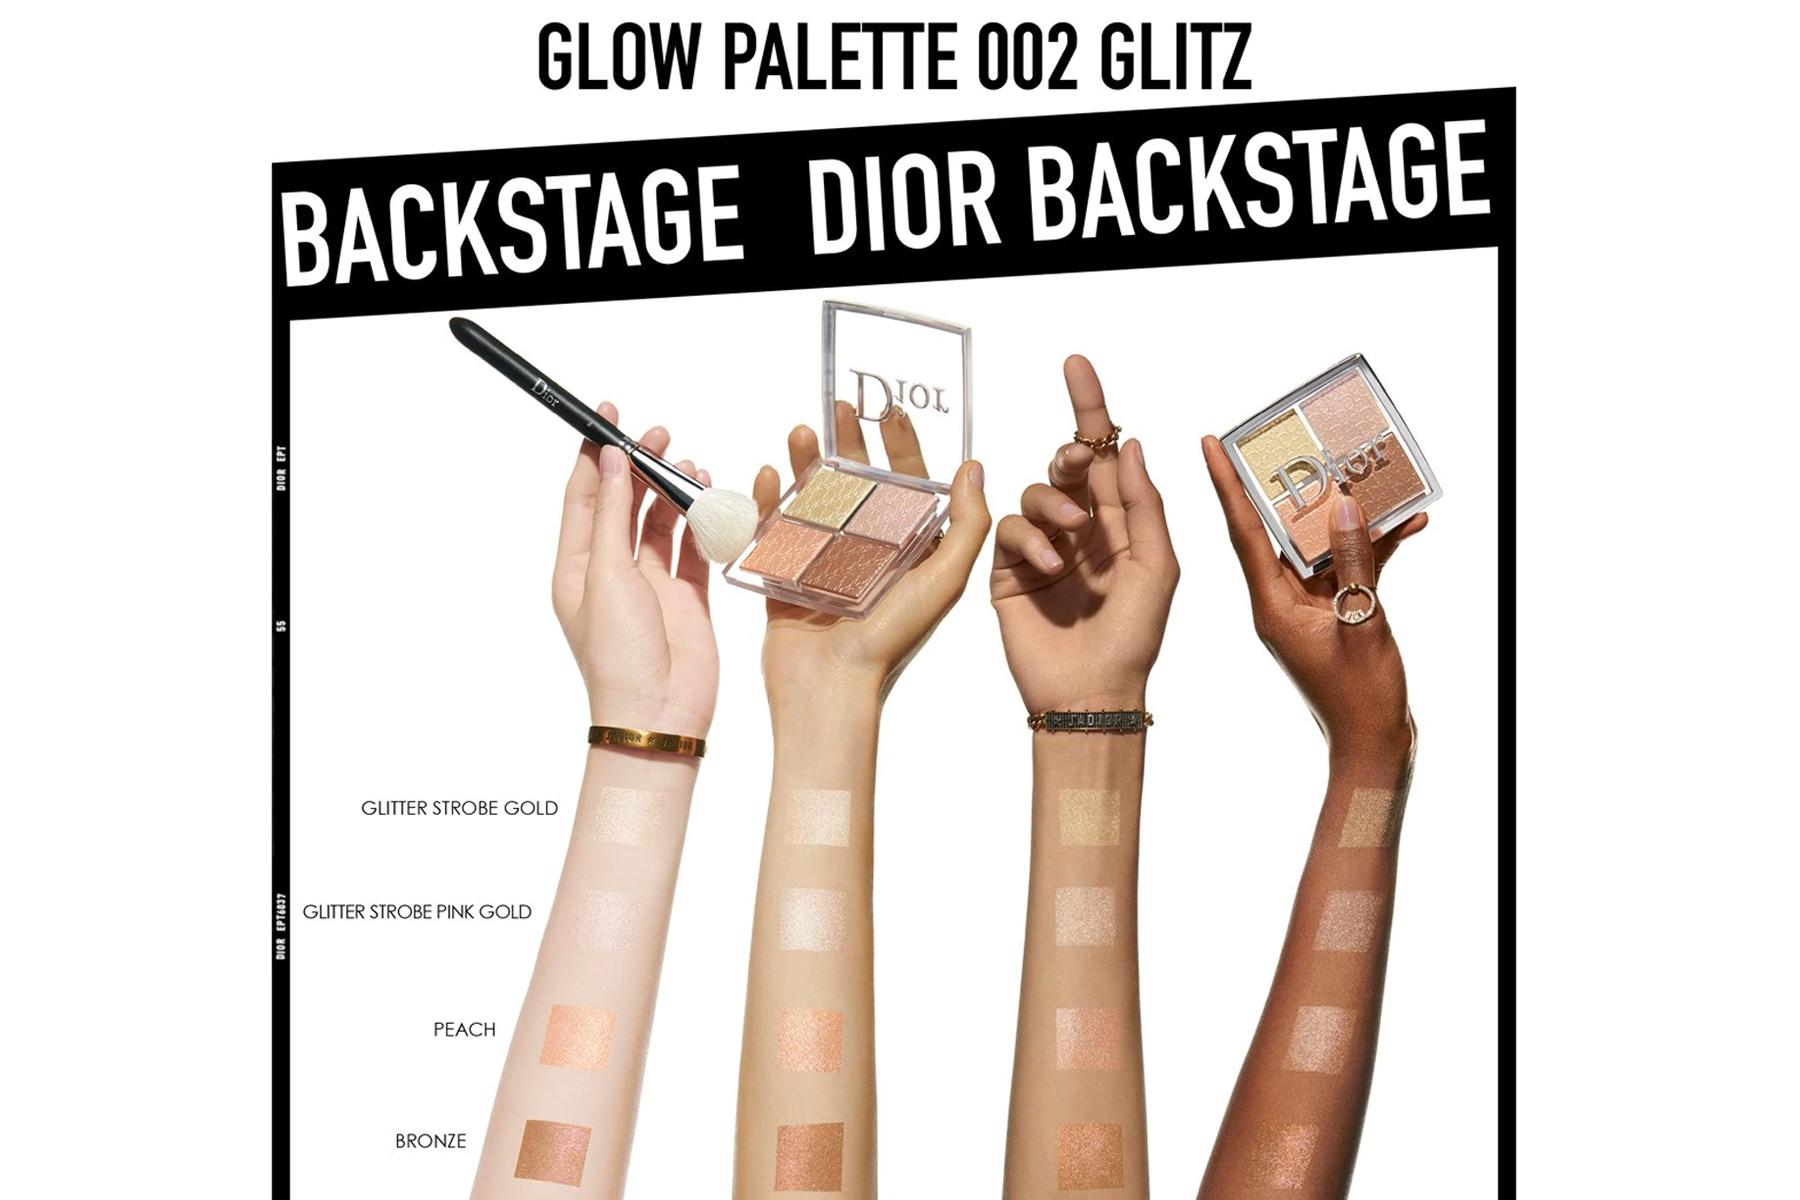 dior-backstage-glow-face-palette-glitz-swatch